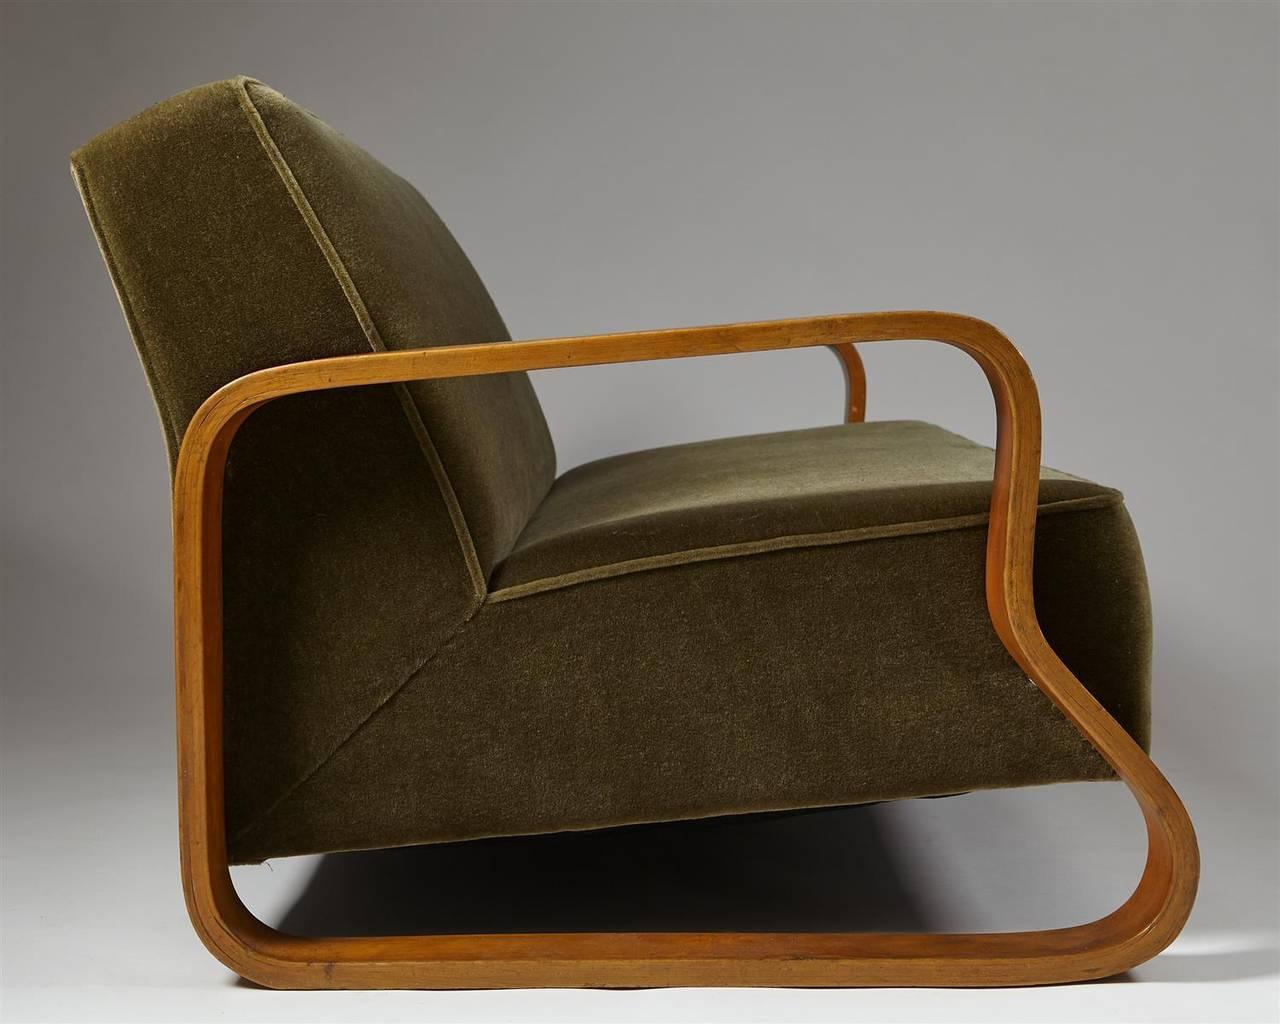 Sofa model 544 designed by alvar aalto for artek for Sofa bed 549 artek